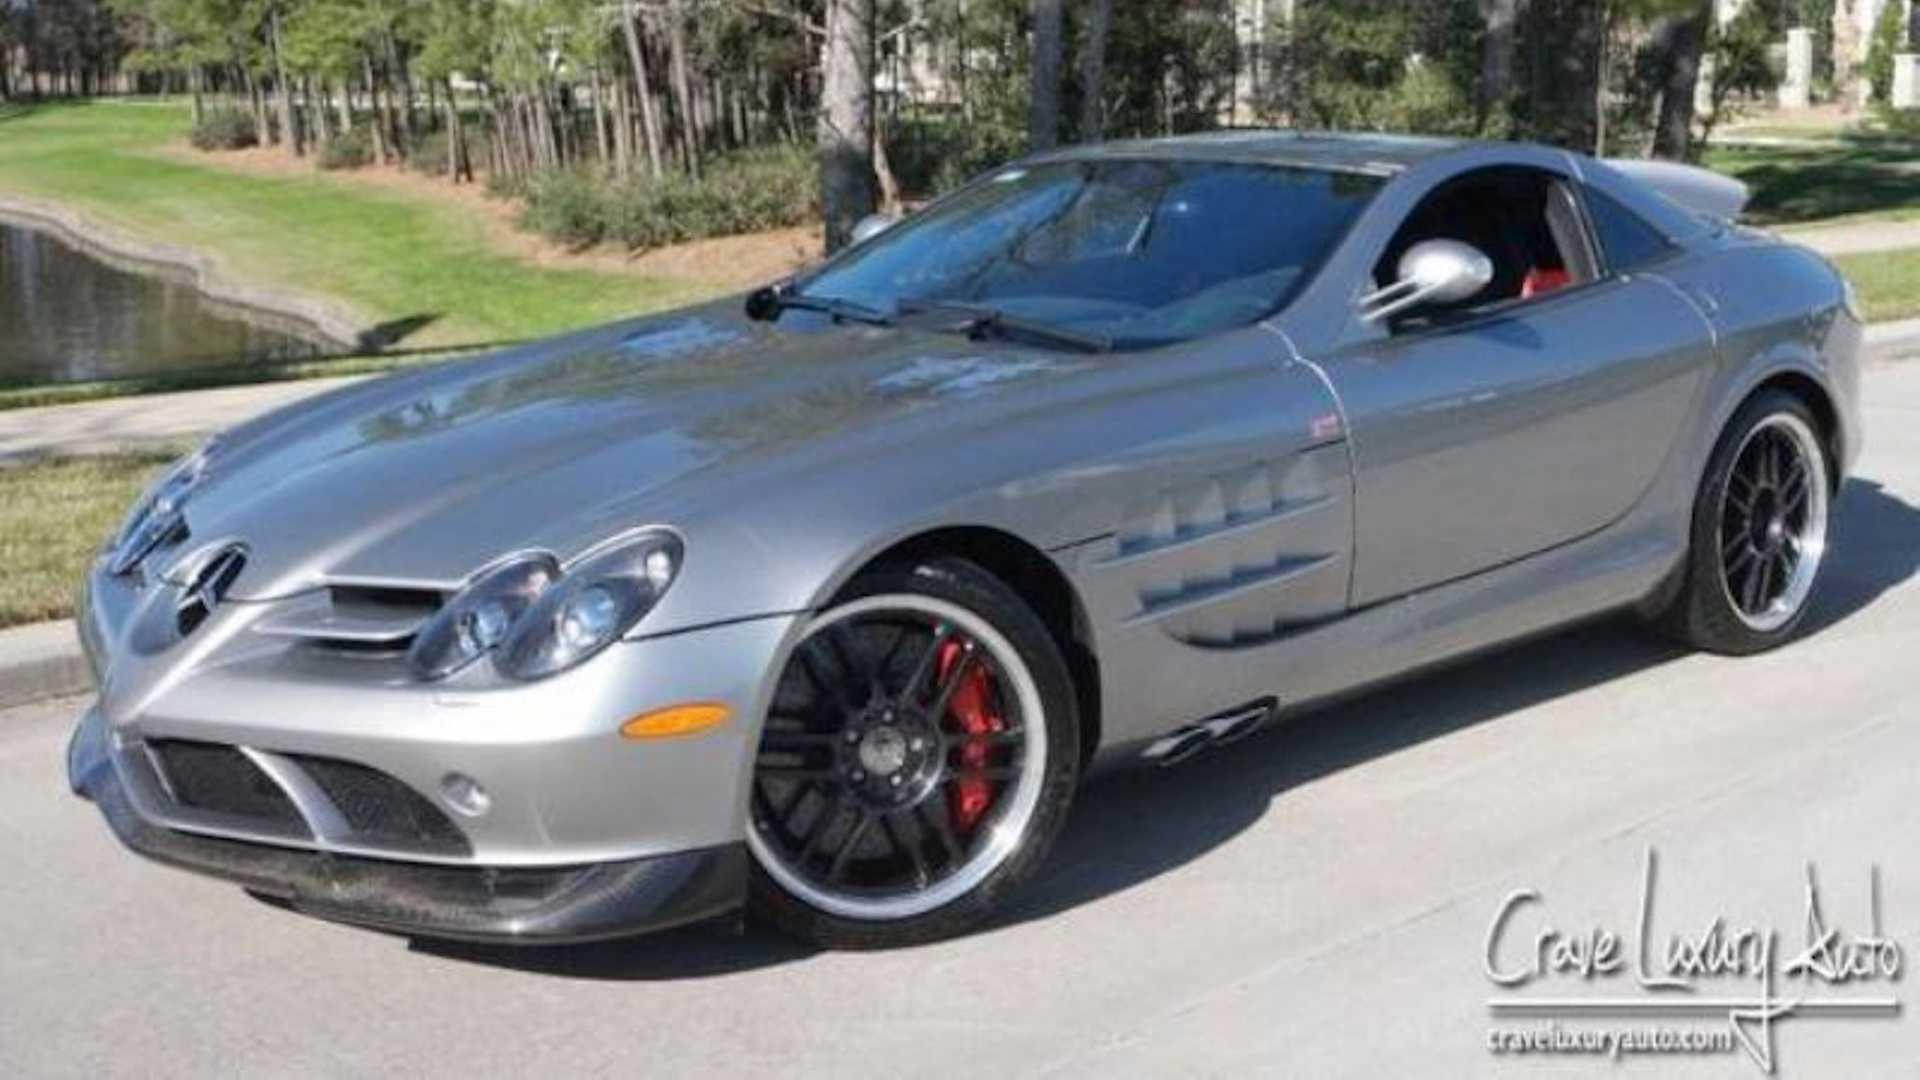 Продаётся редчайший Mercedes-Benz SLR McLaren из гаража Майкла Джордана